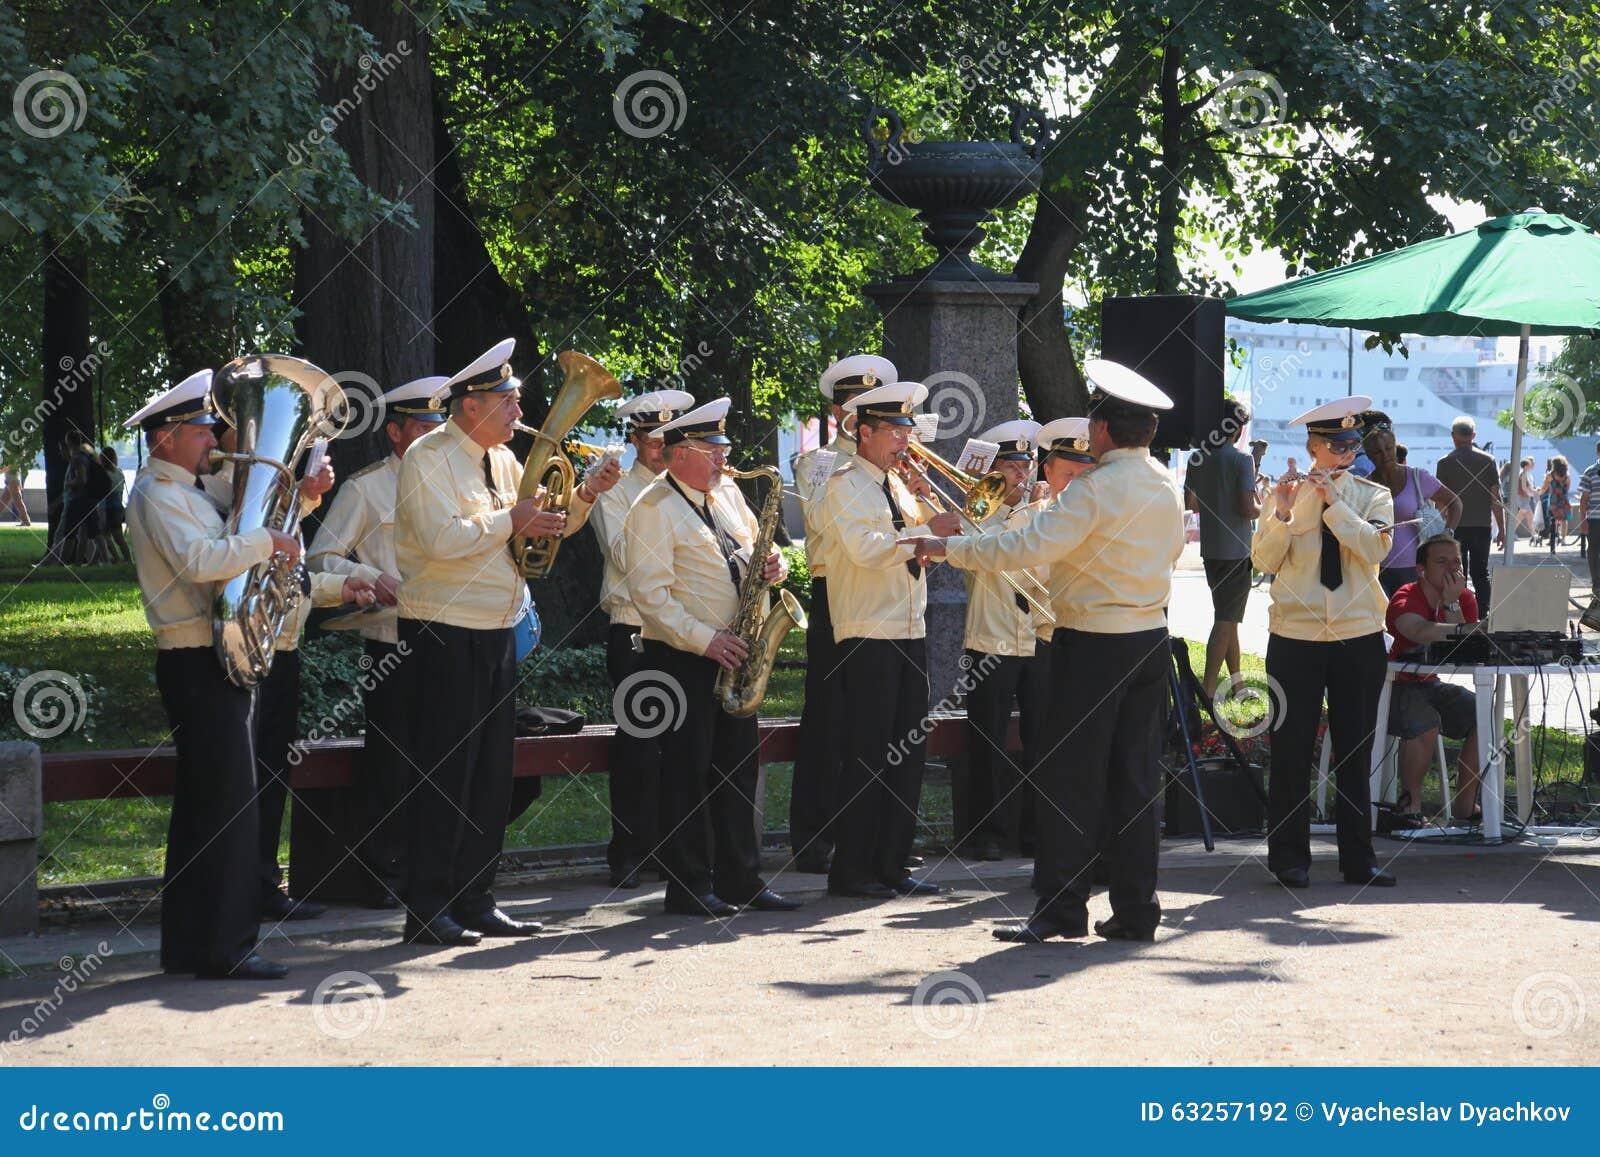 Zonnige de zomerdag in het stadspark fanfarekorps van zeelieden in het stadspark dat wordt gespeeld